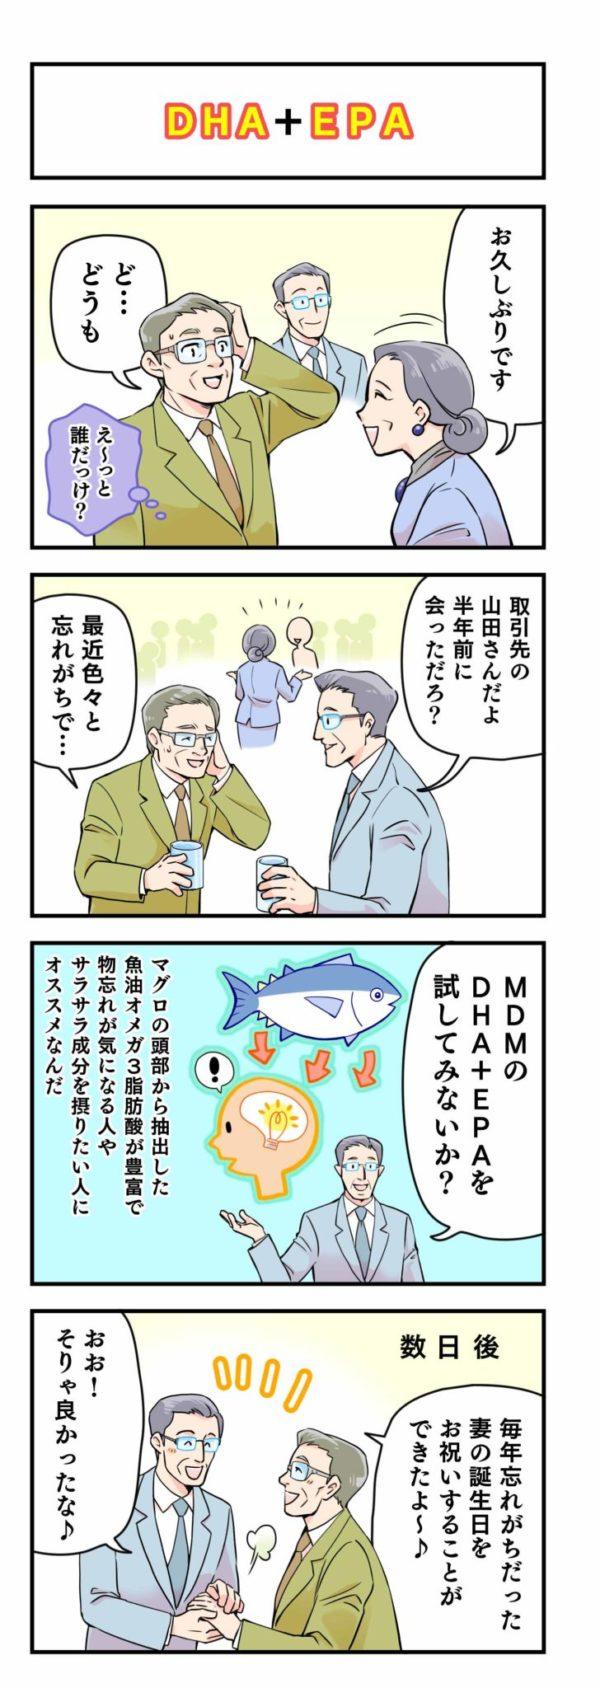 「DHA+EPA」商品紹介4コマ漫画